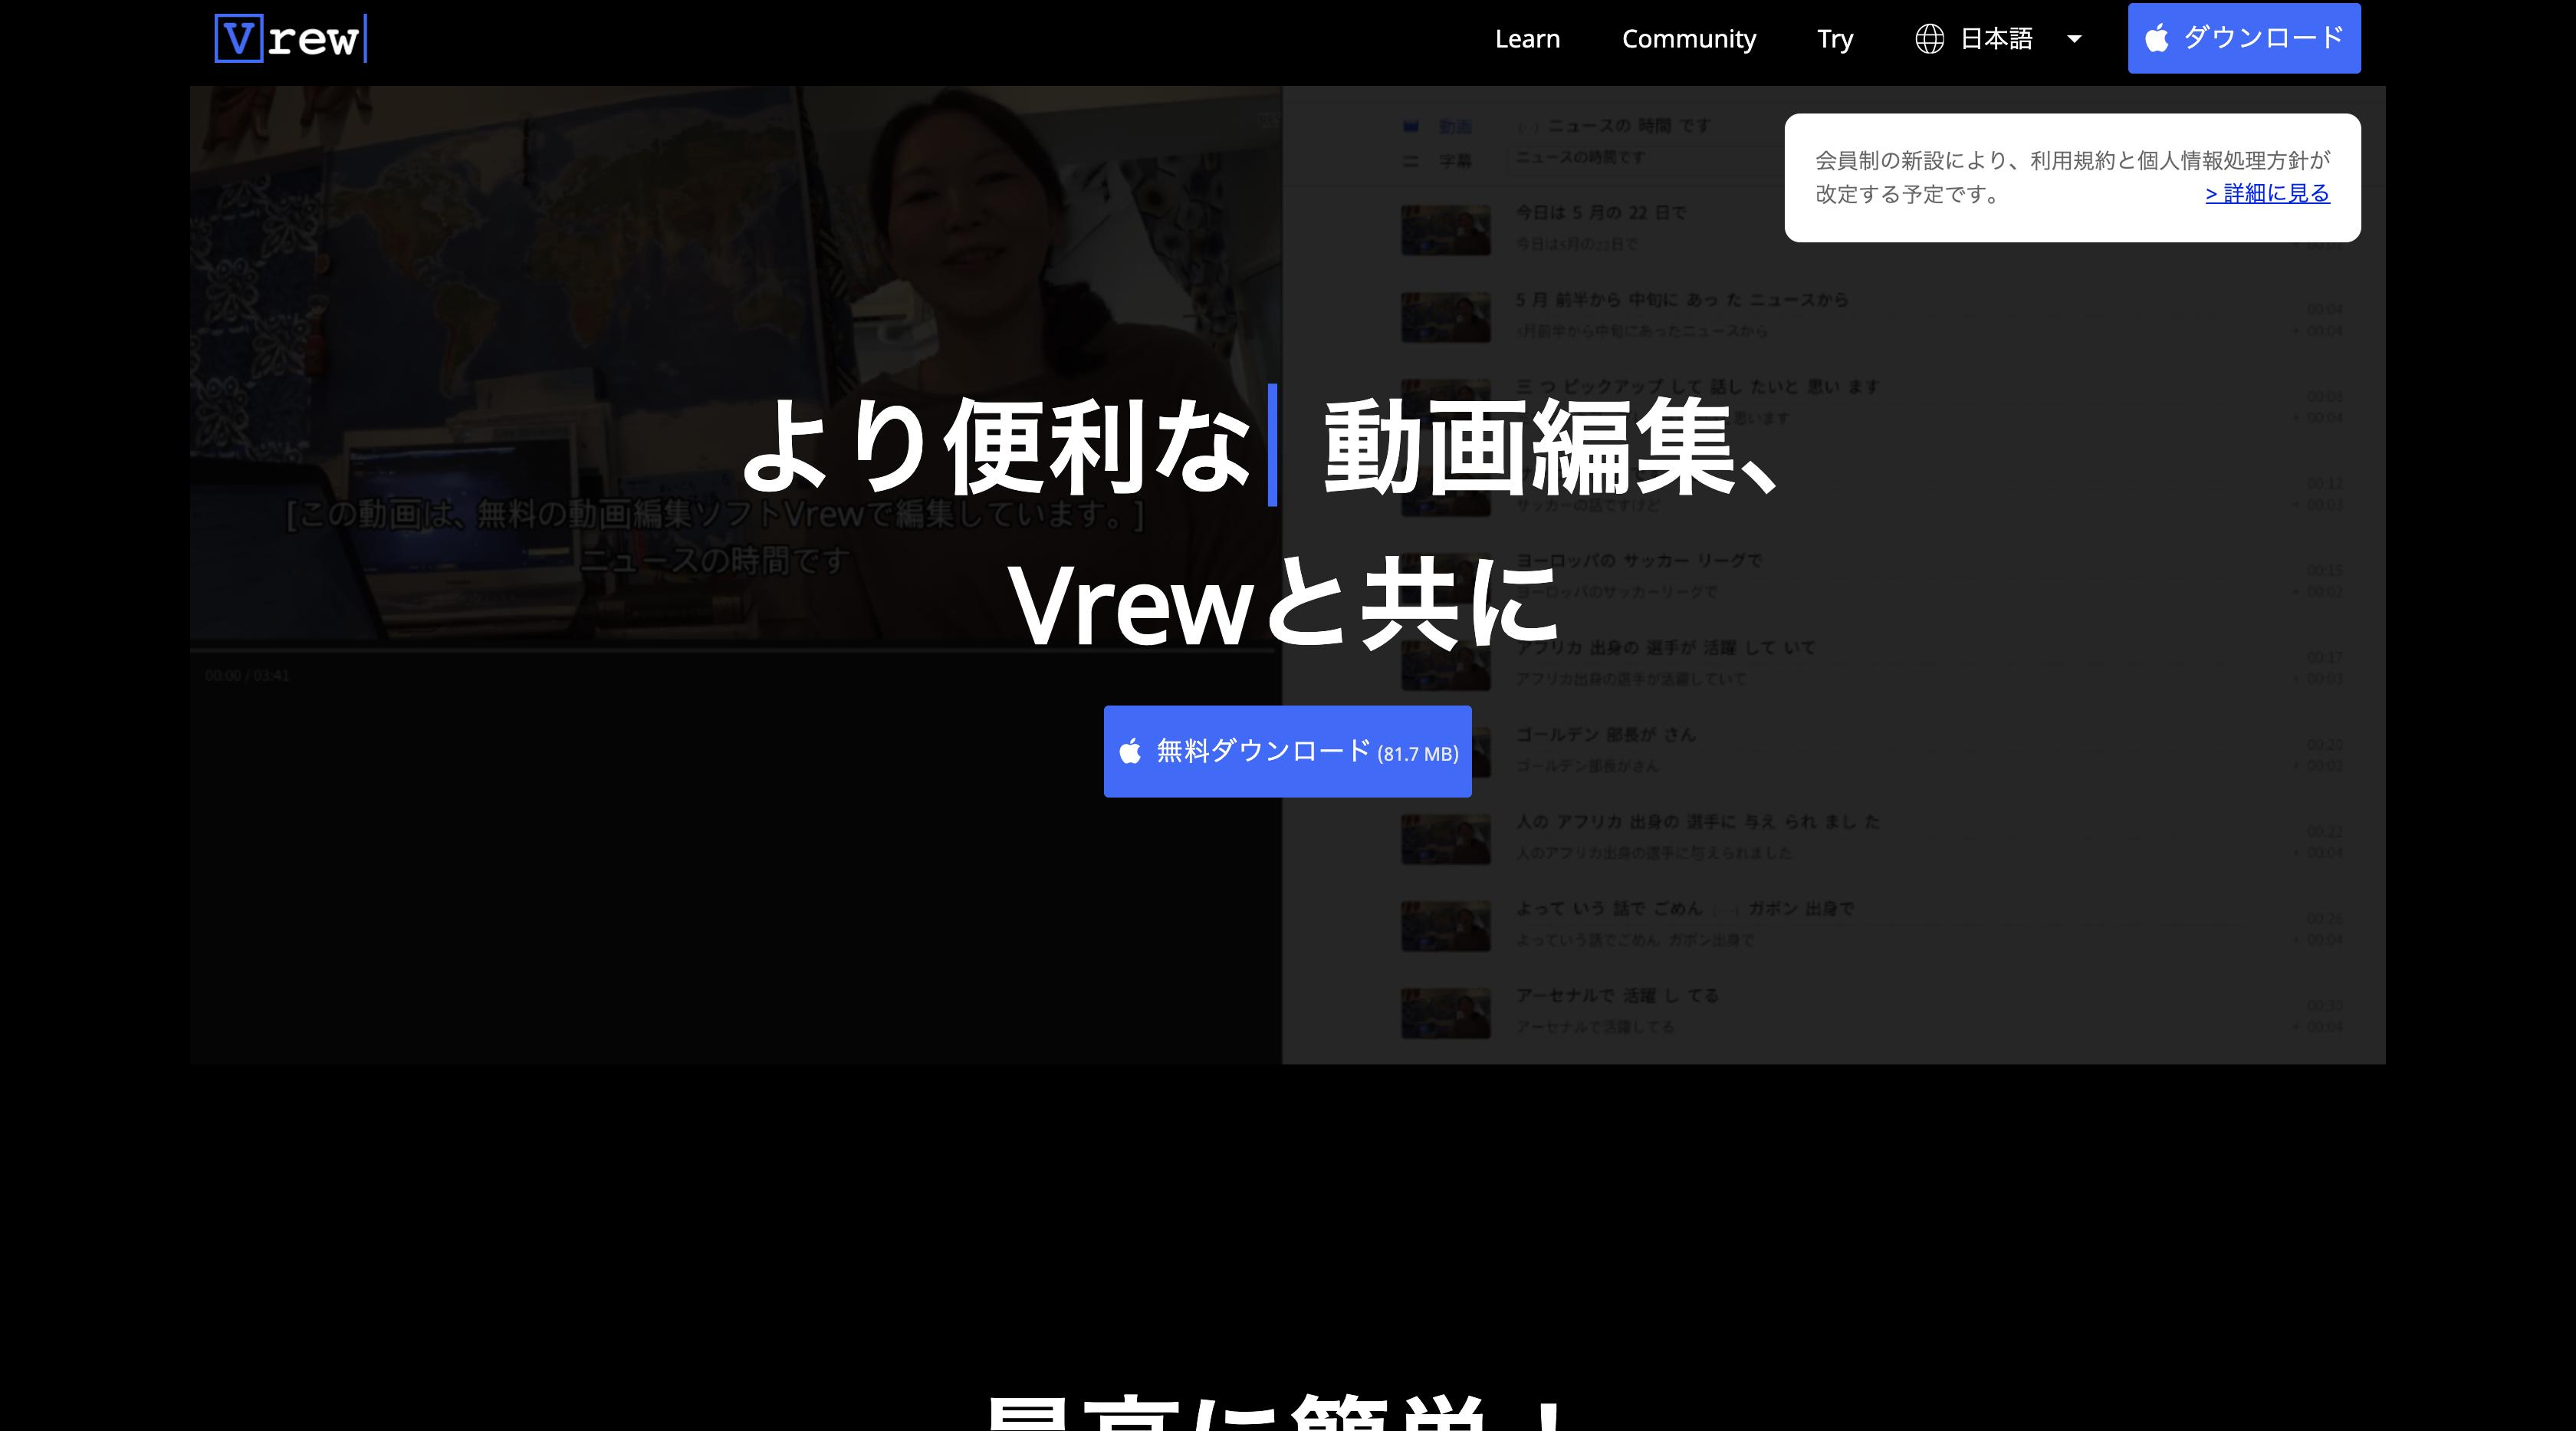 動画の文字起こしが自動でできる無料サービス【Vrew】